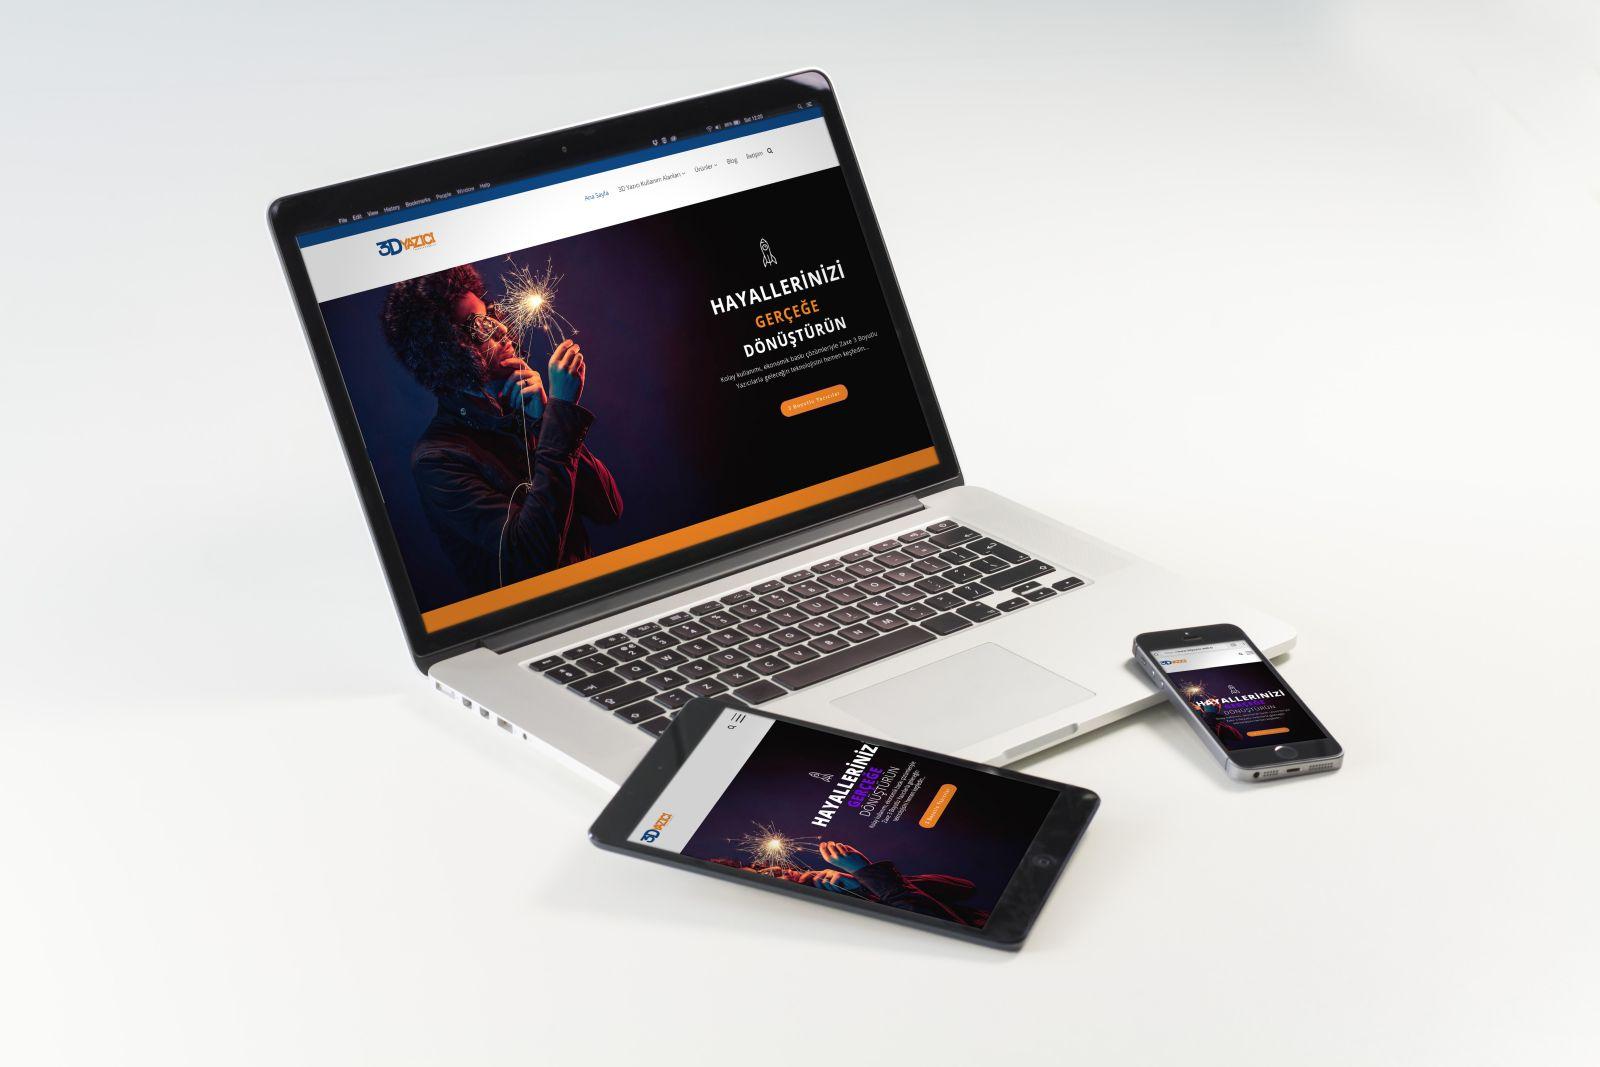 2S Bilgisayar'ın 3D Yazıcı Web Sitesi Yayında